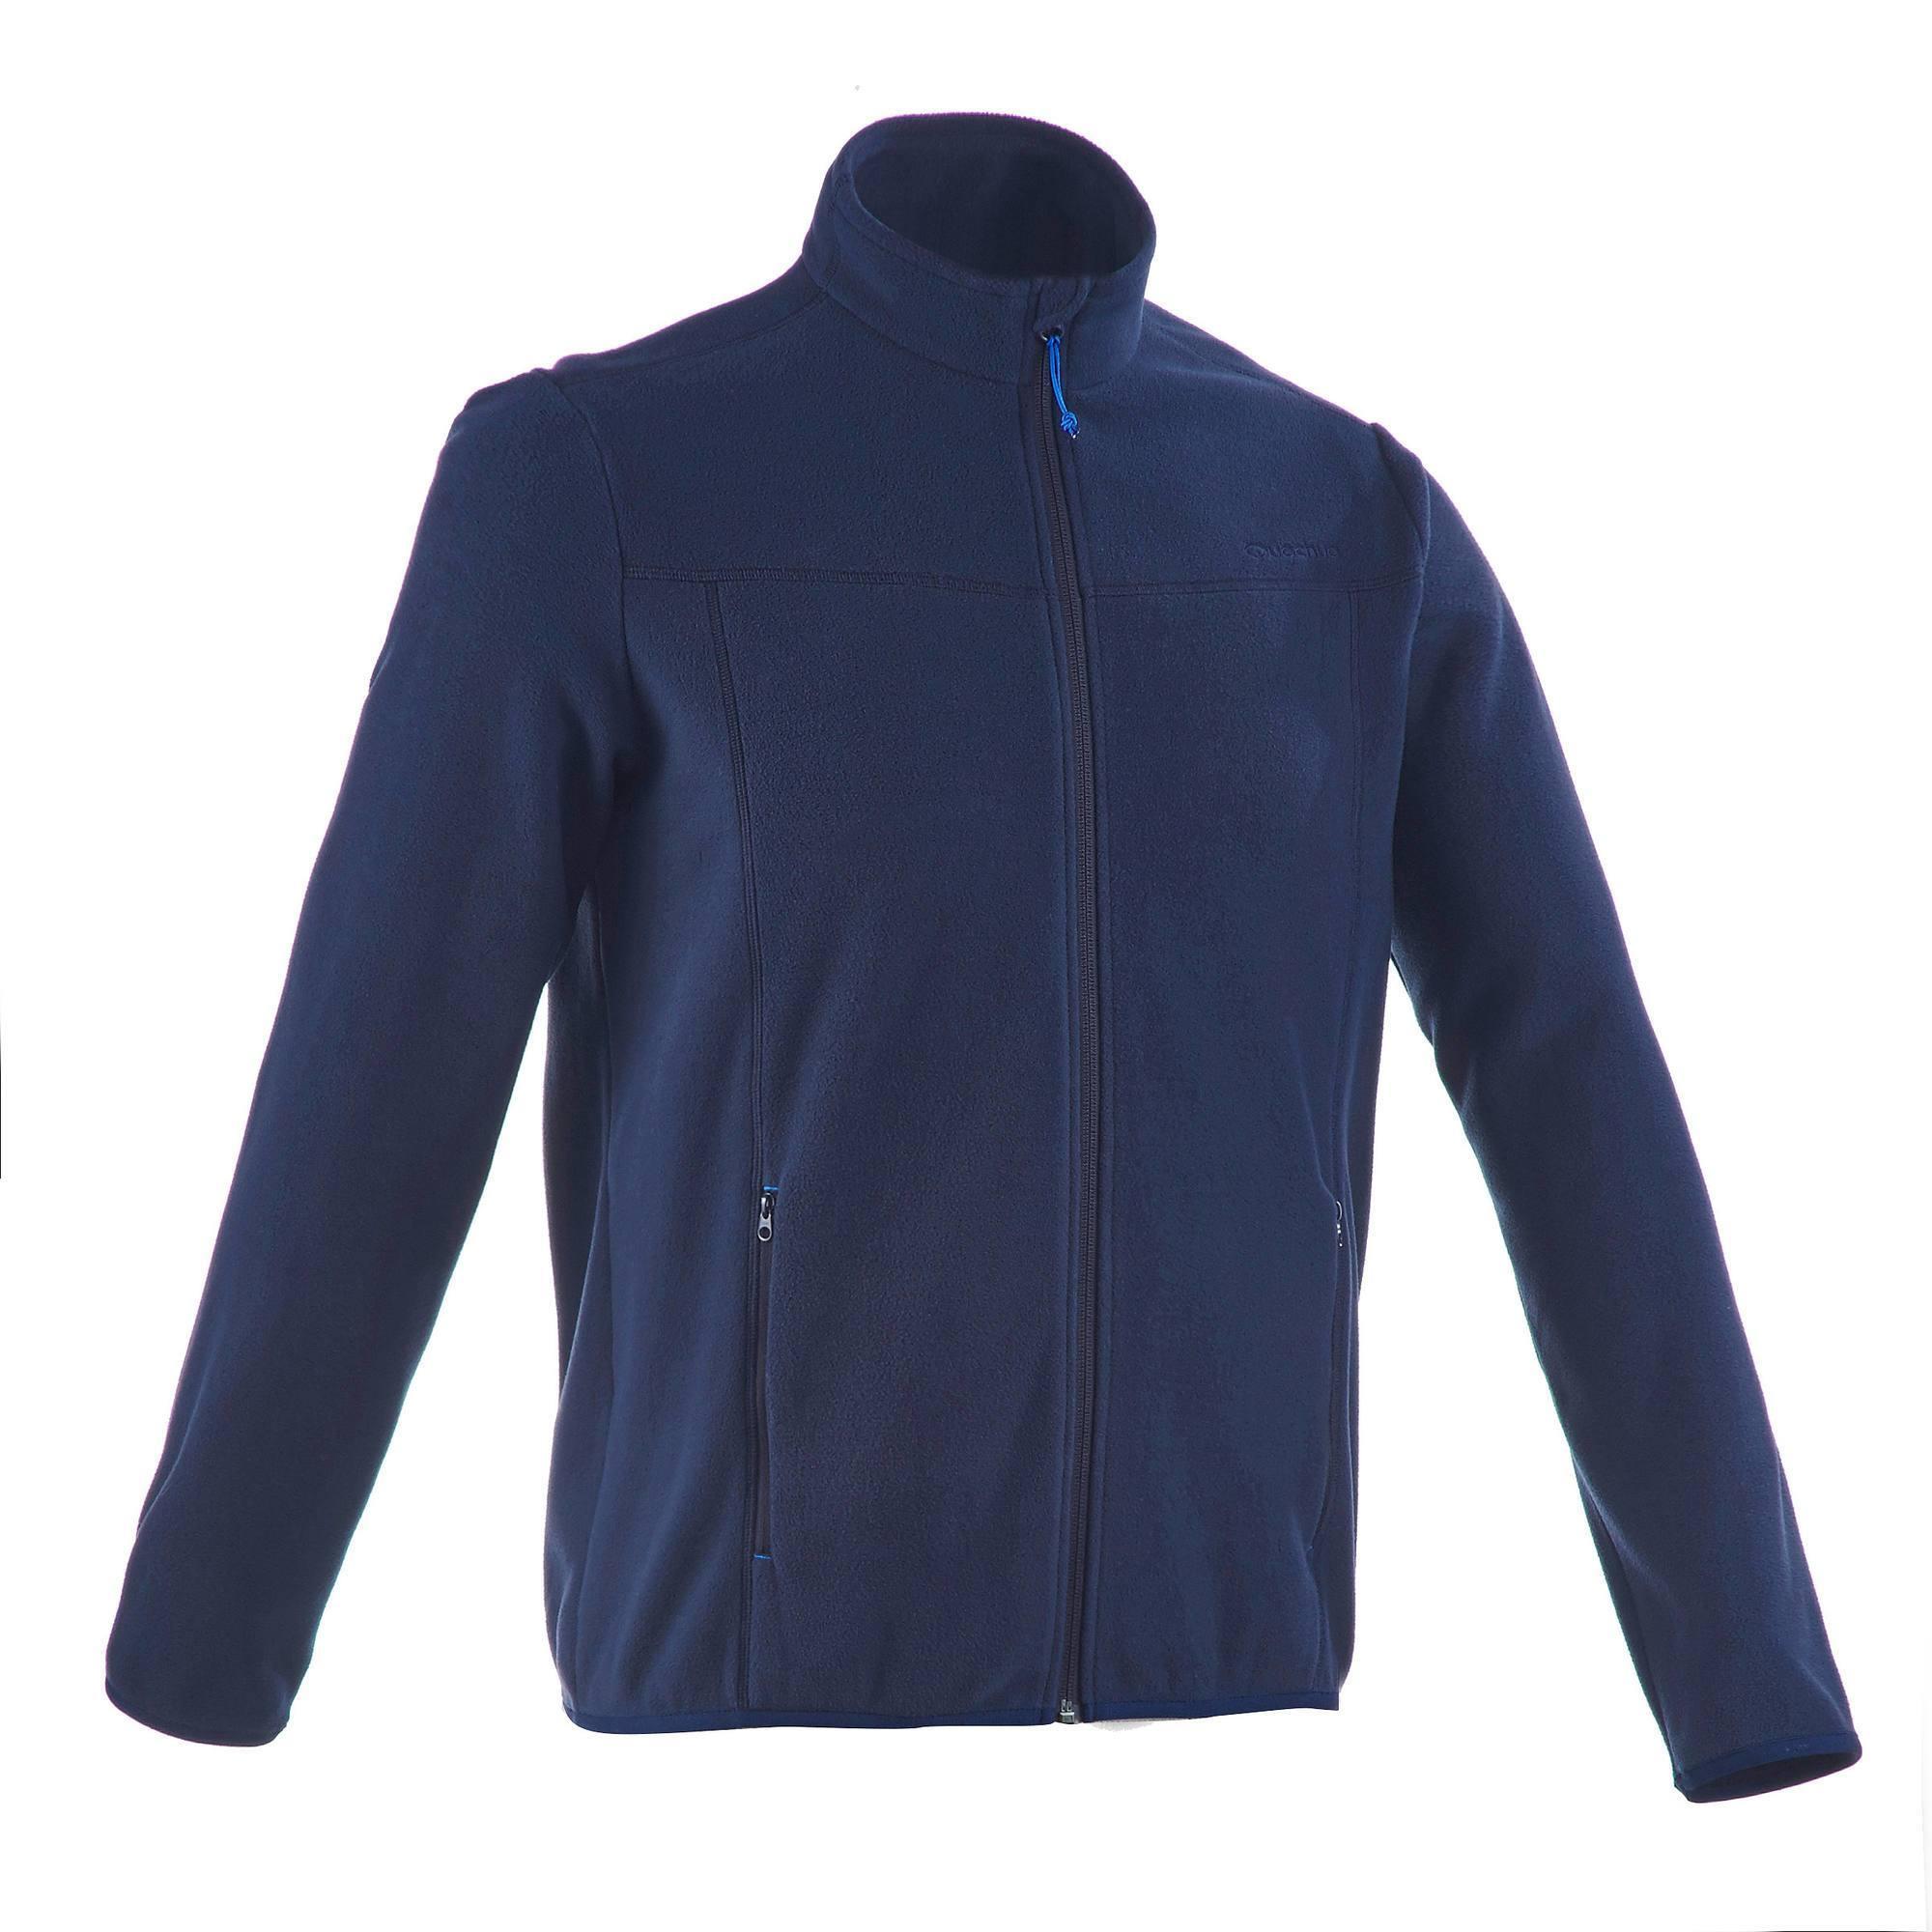 Veste Polaire randonnée montagne homme Forclaz 200 bleu